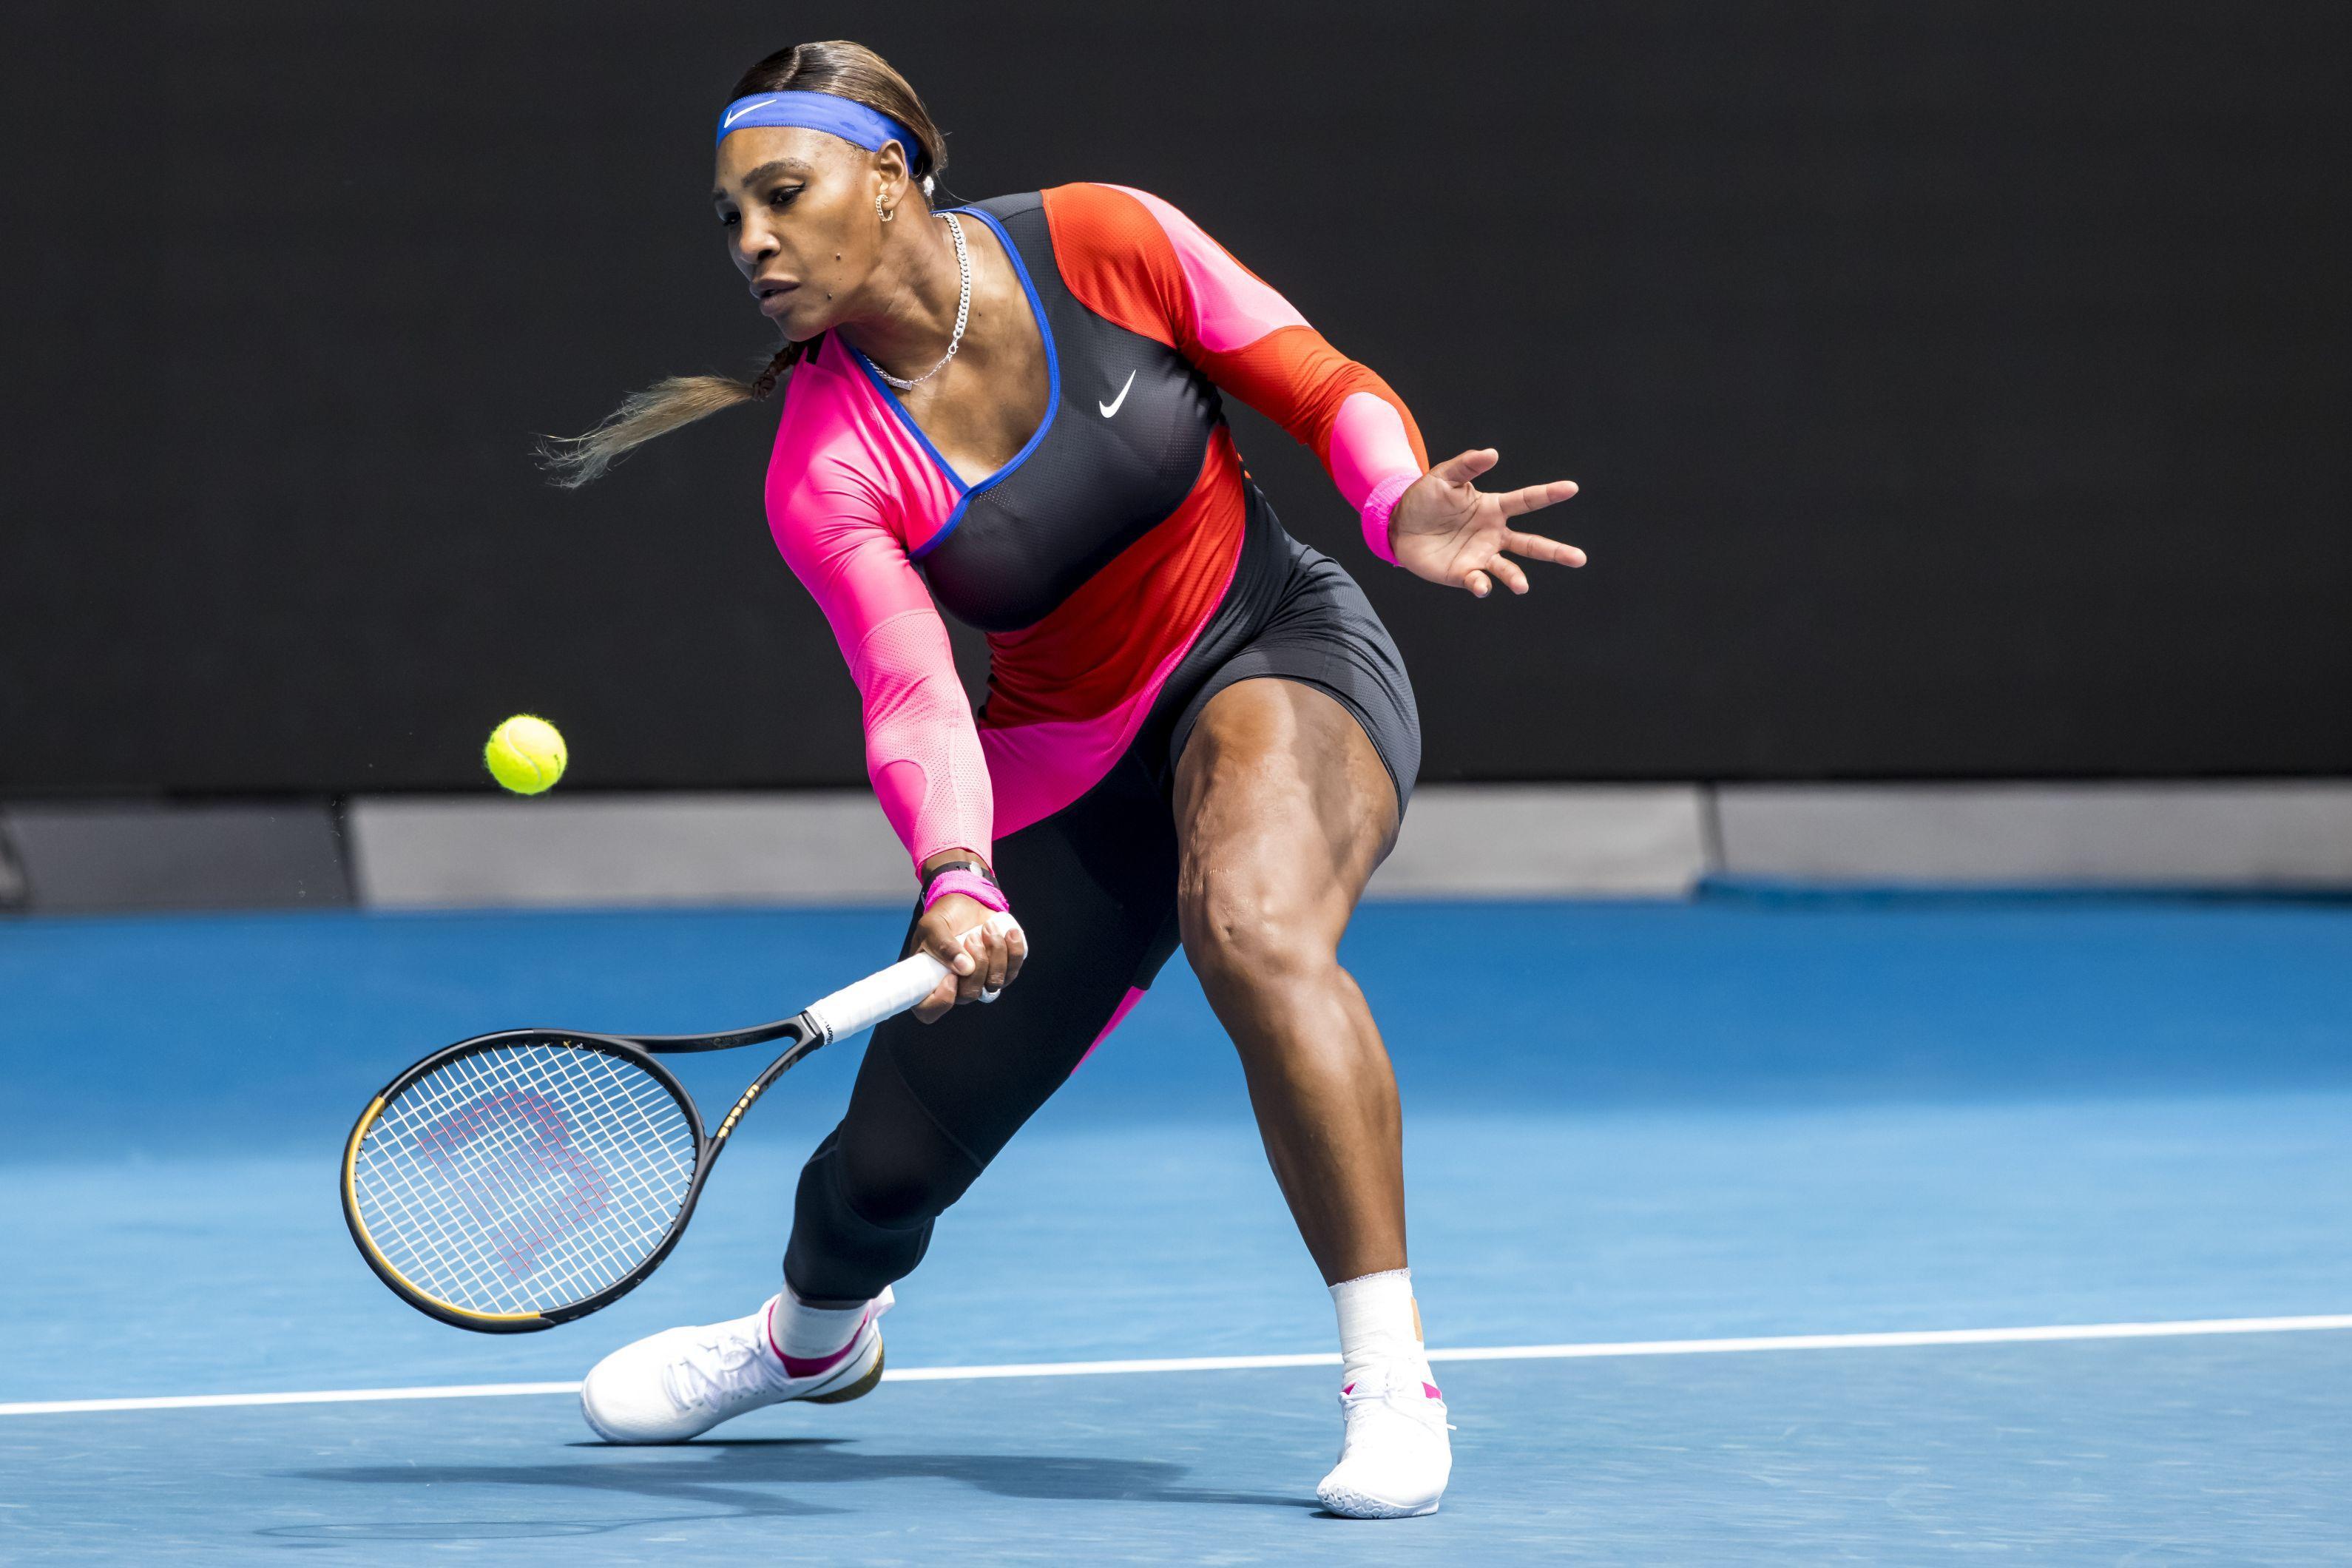 Australian Open 2021. Serena Williams, ce semnifică ținuta controversată a sportivei. Cum a apărut jucătoarea pe terenul de sport